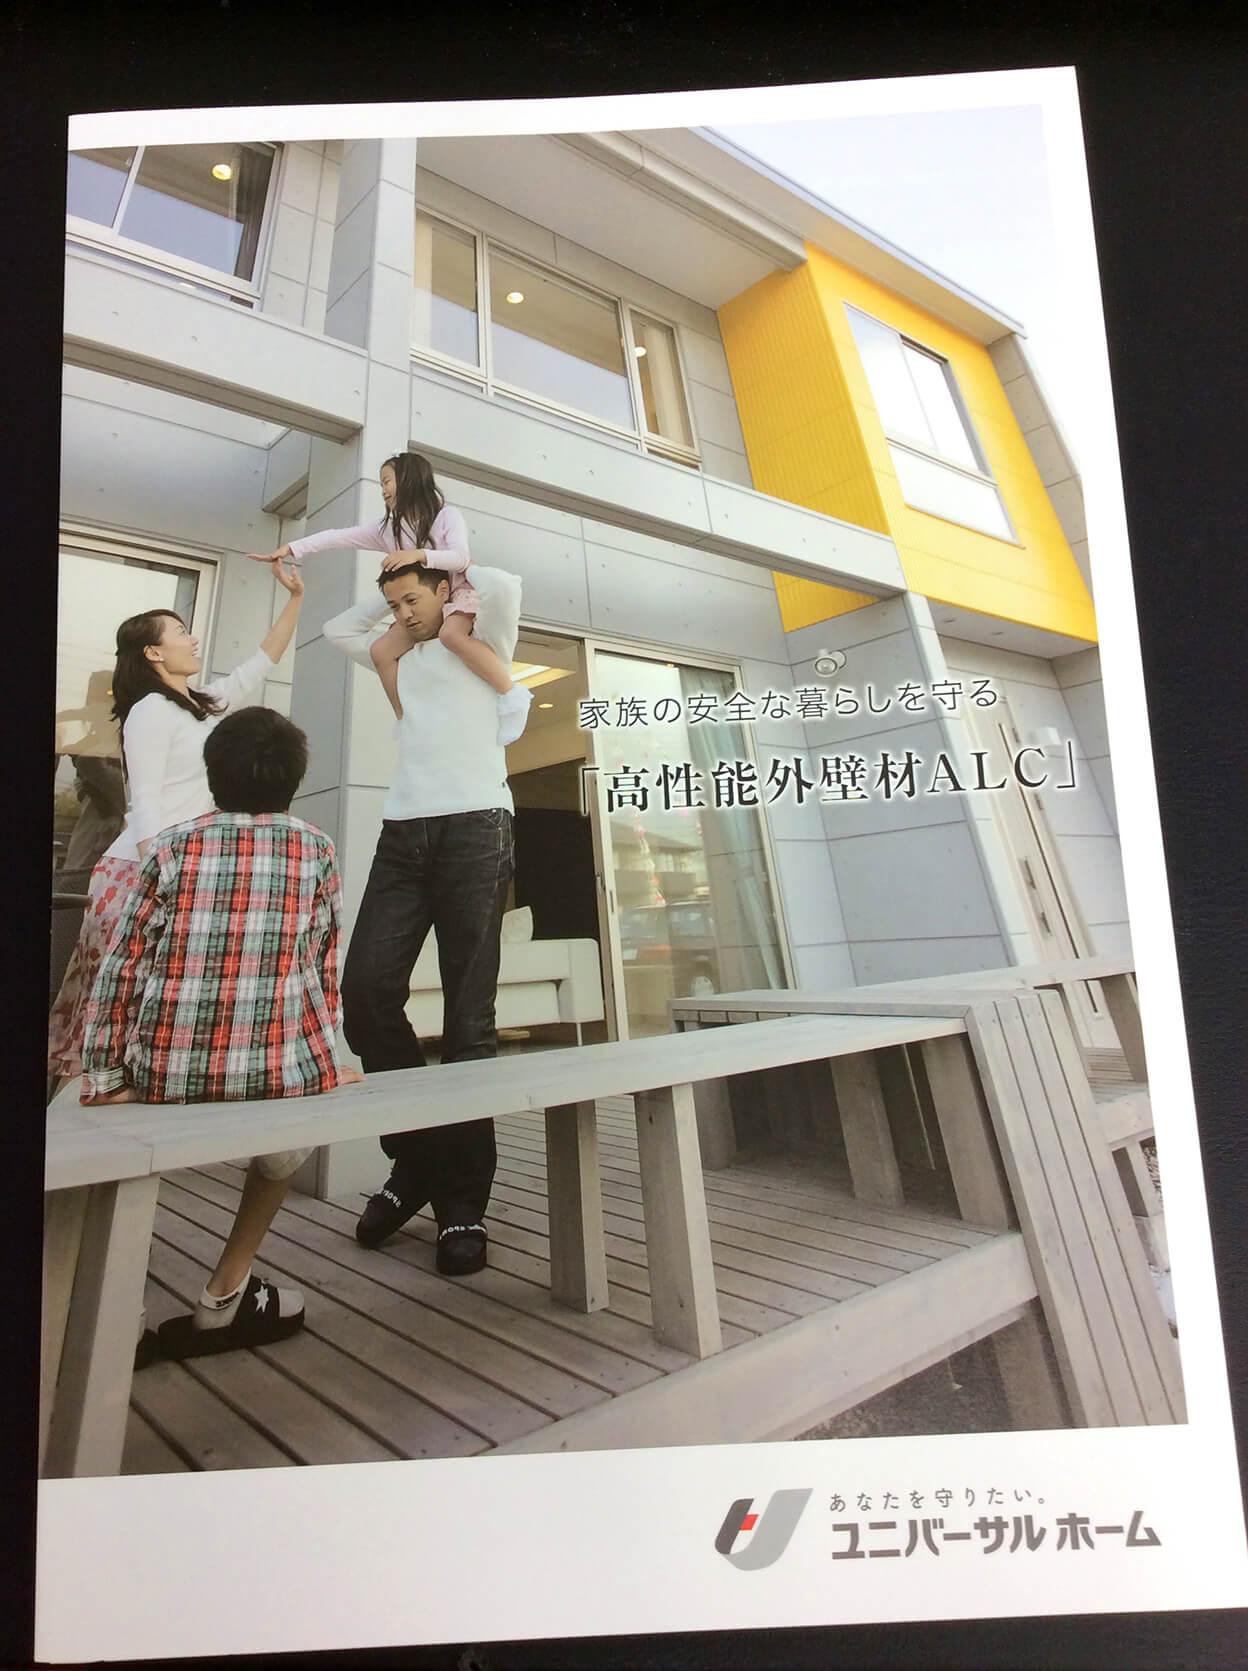 高性能外壁材ALCパンフレット 注文住宅のユニバーサルホーム